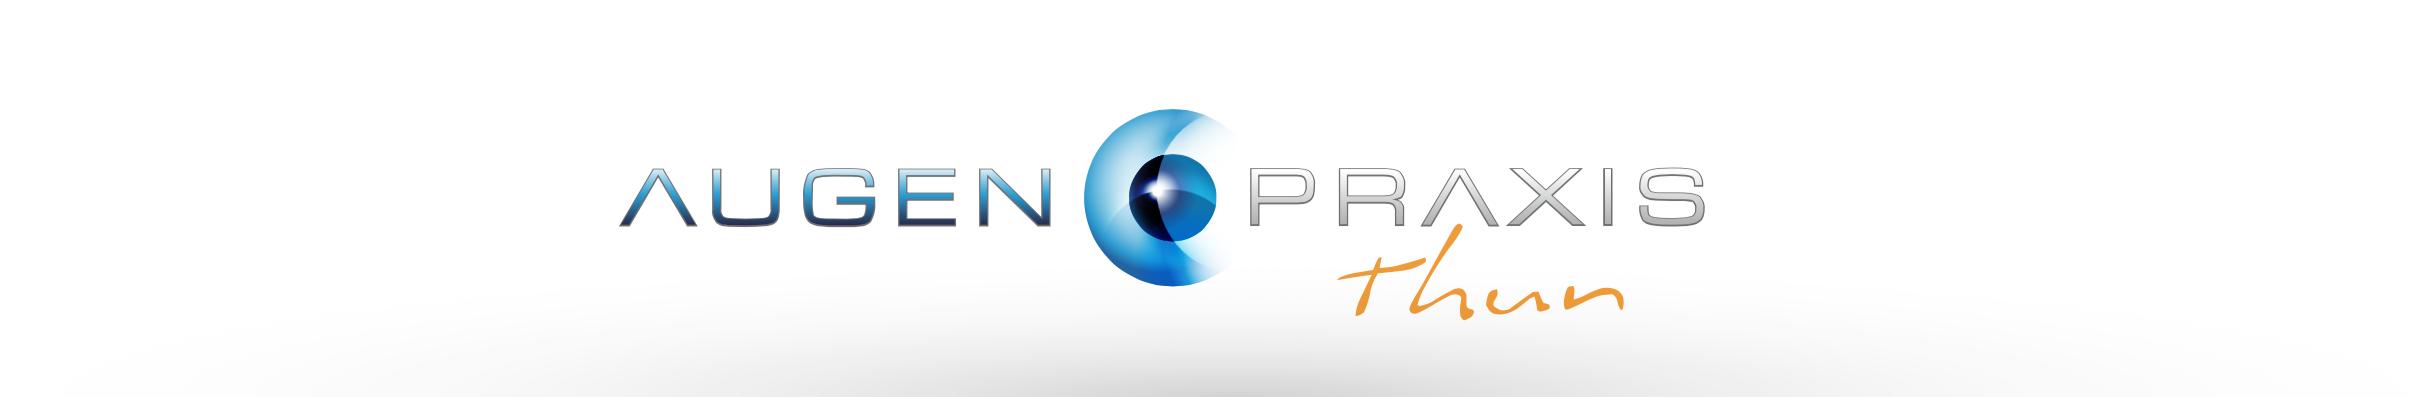 Augenpraxis Thun Logo